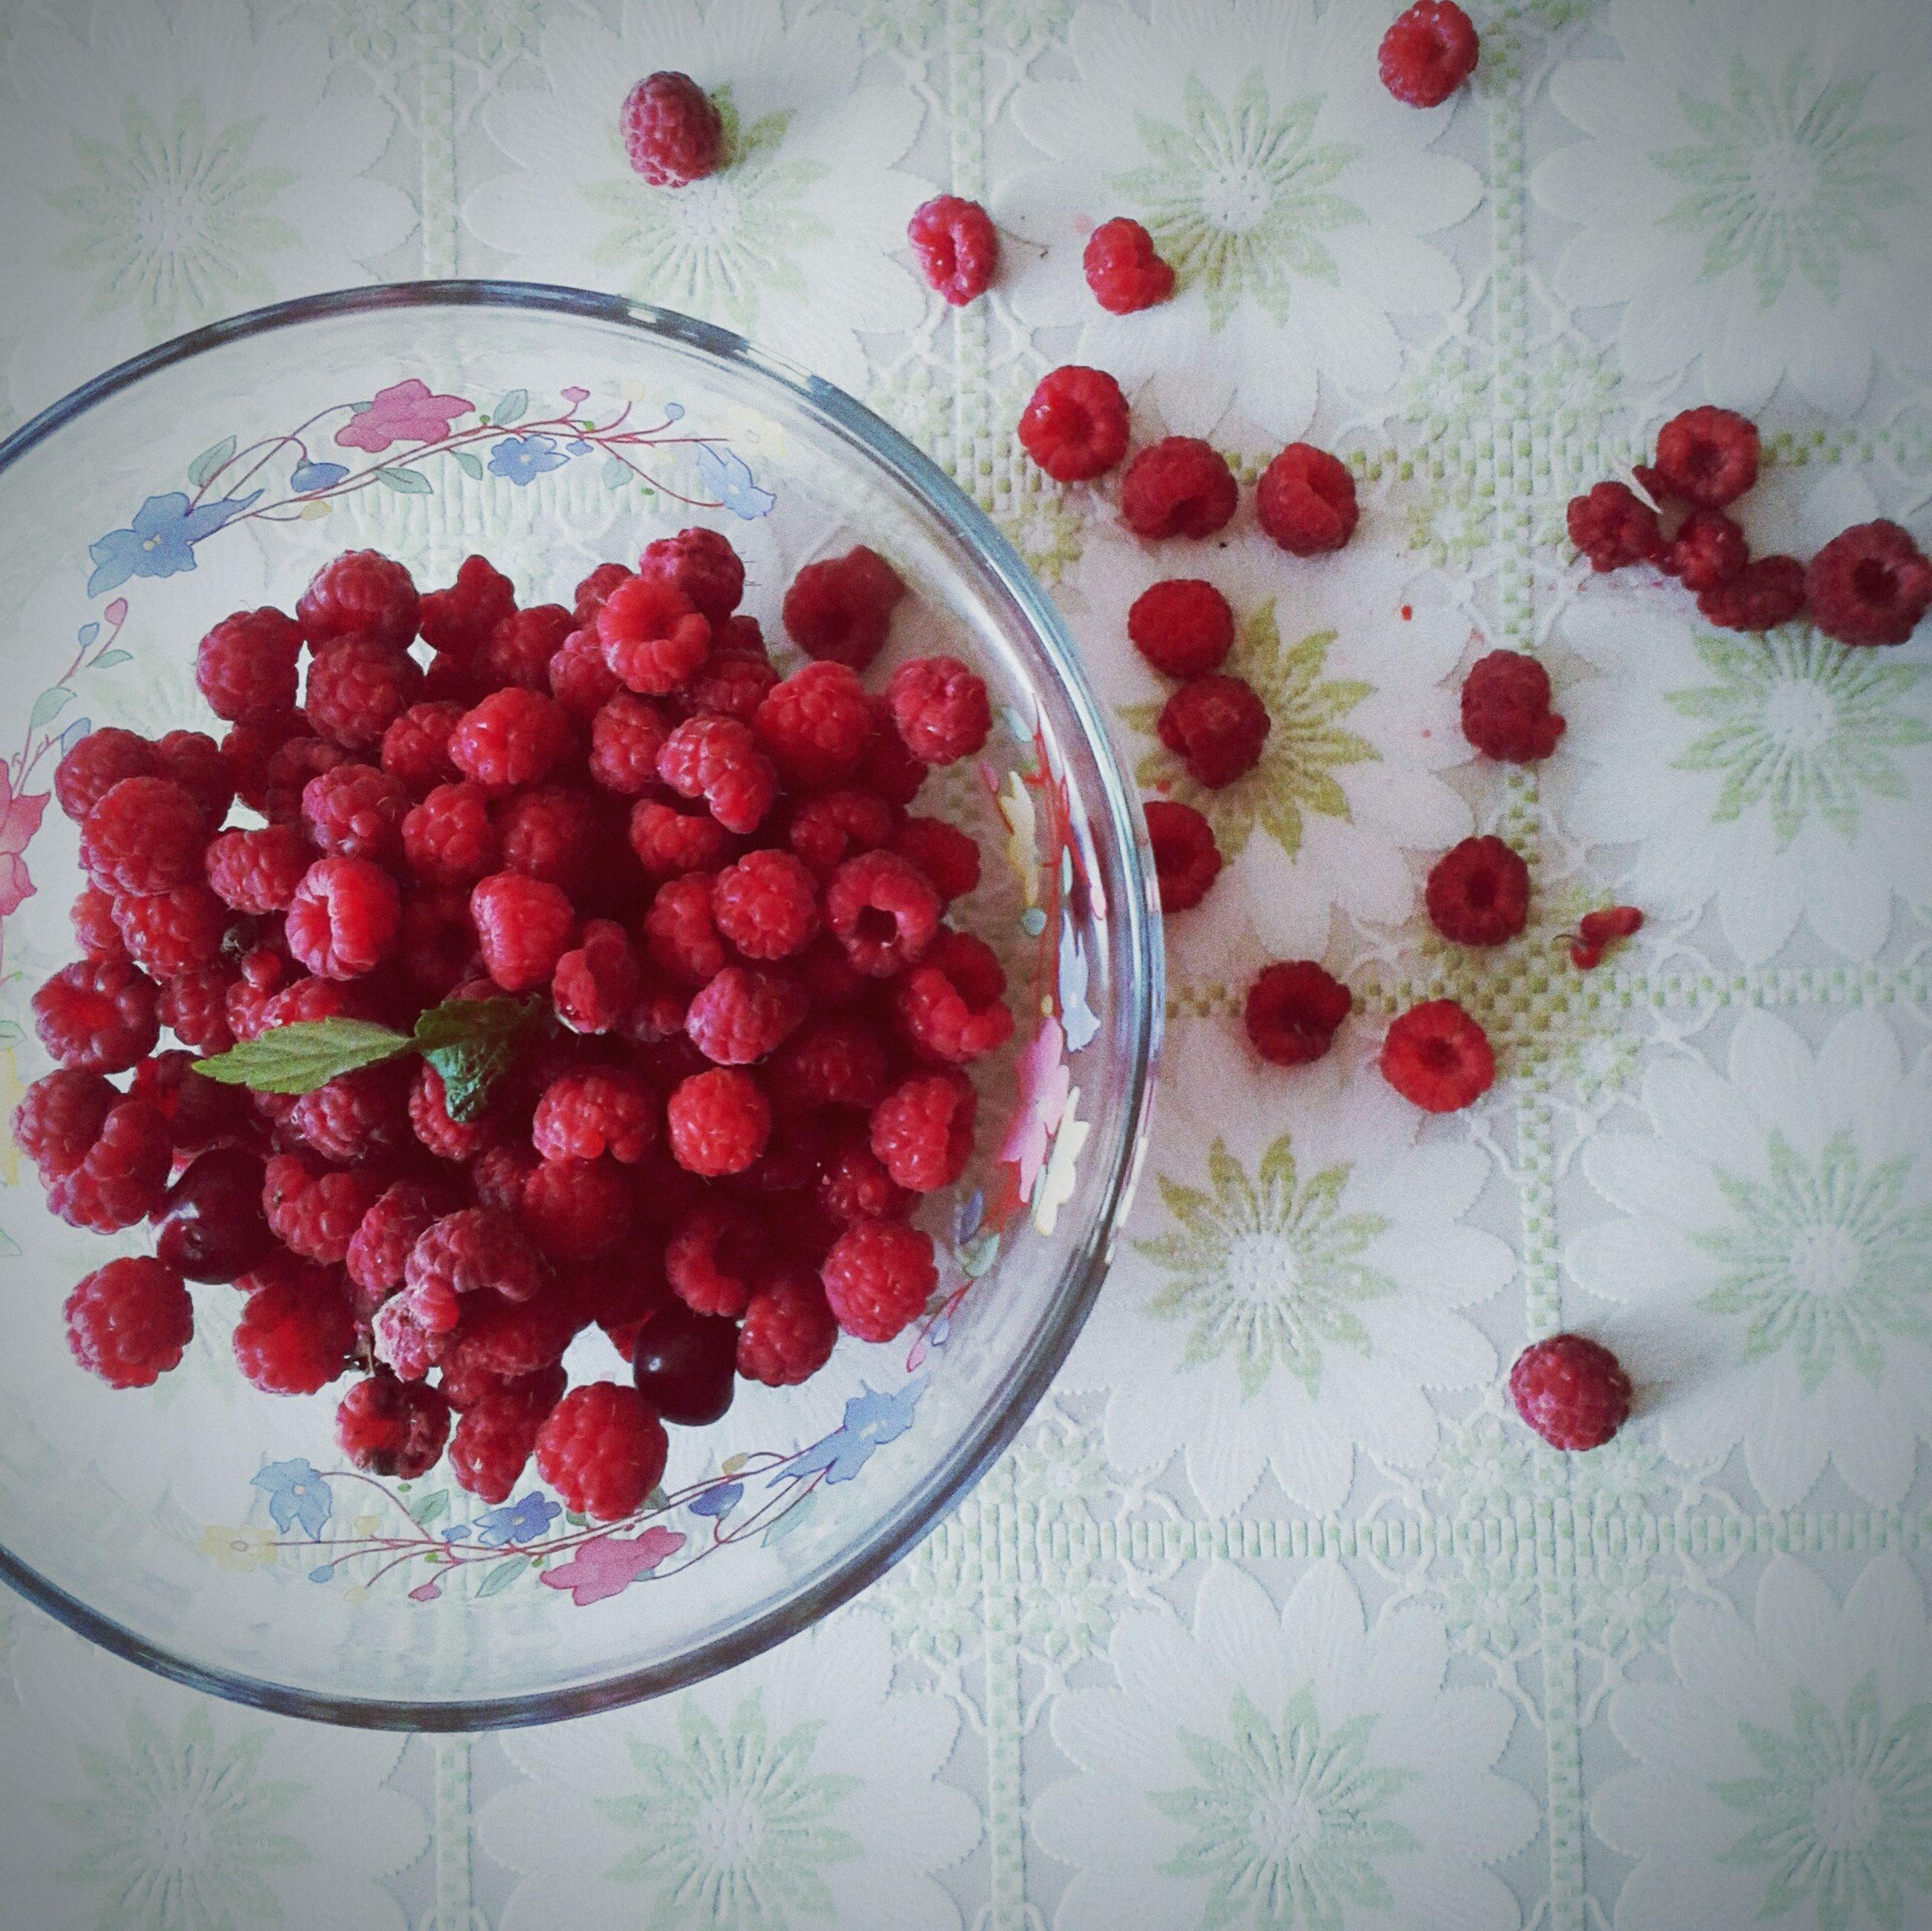 fruit, red, freshness, food, strawberry, bowl, still life, berry fruit, close-up, ripe, no people, organic, indulgence, abundance